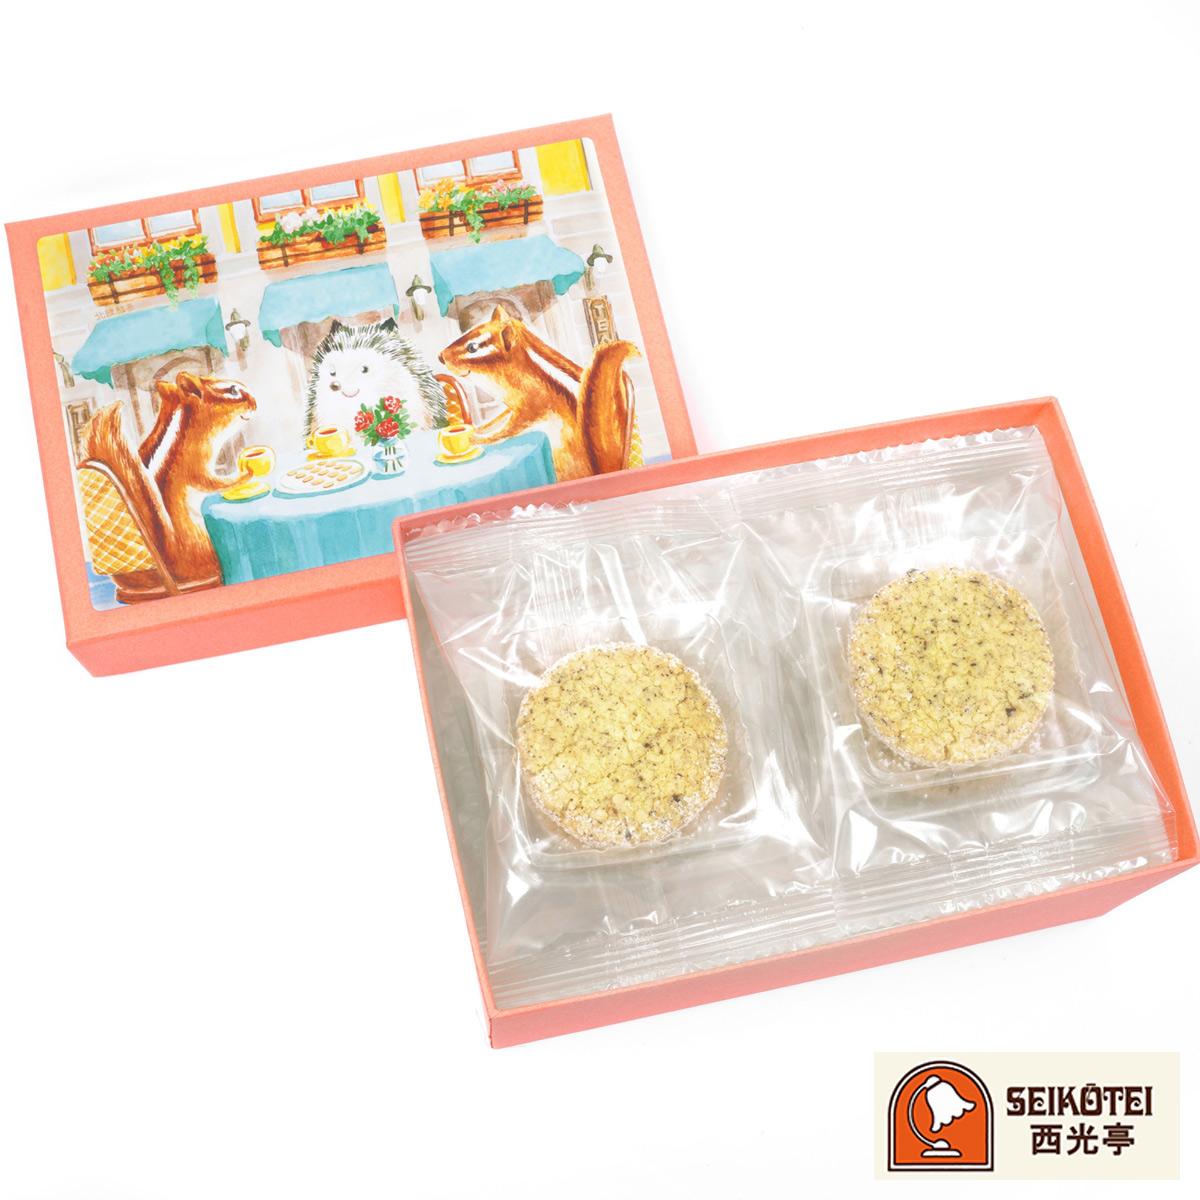 西光亭 北欧紅茶クッキー(セーデルブレンド)